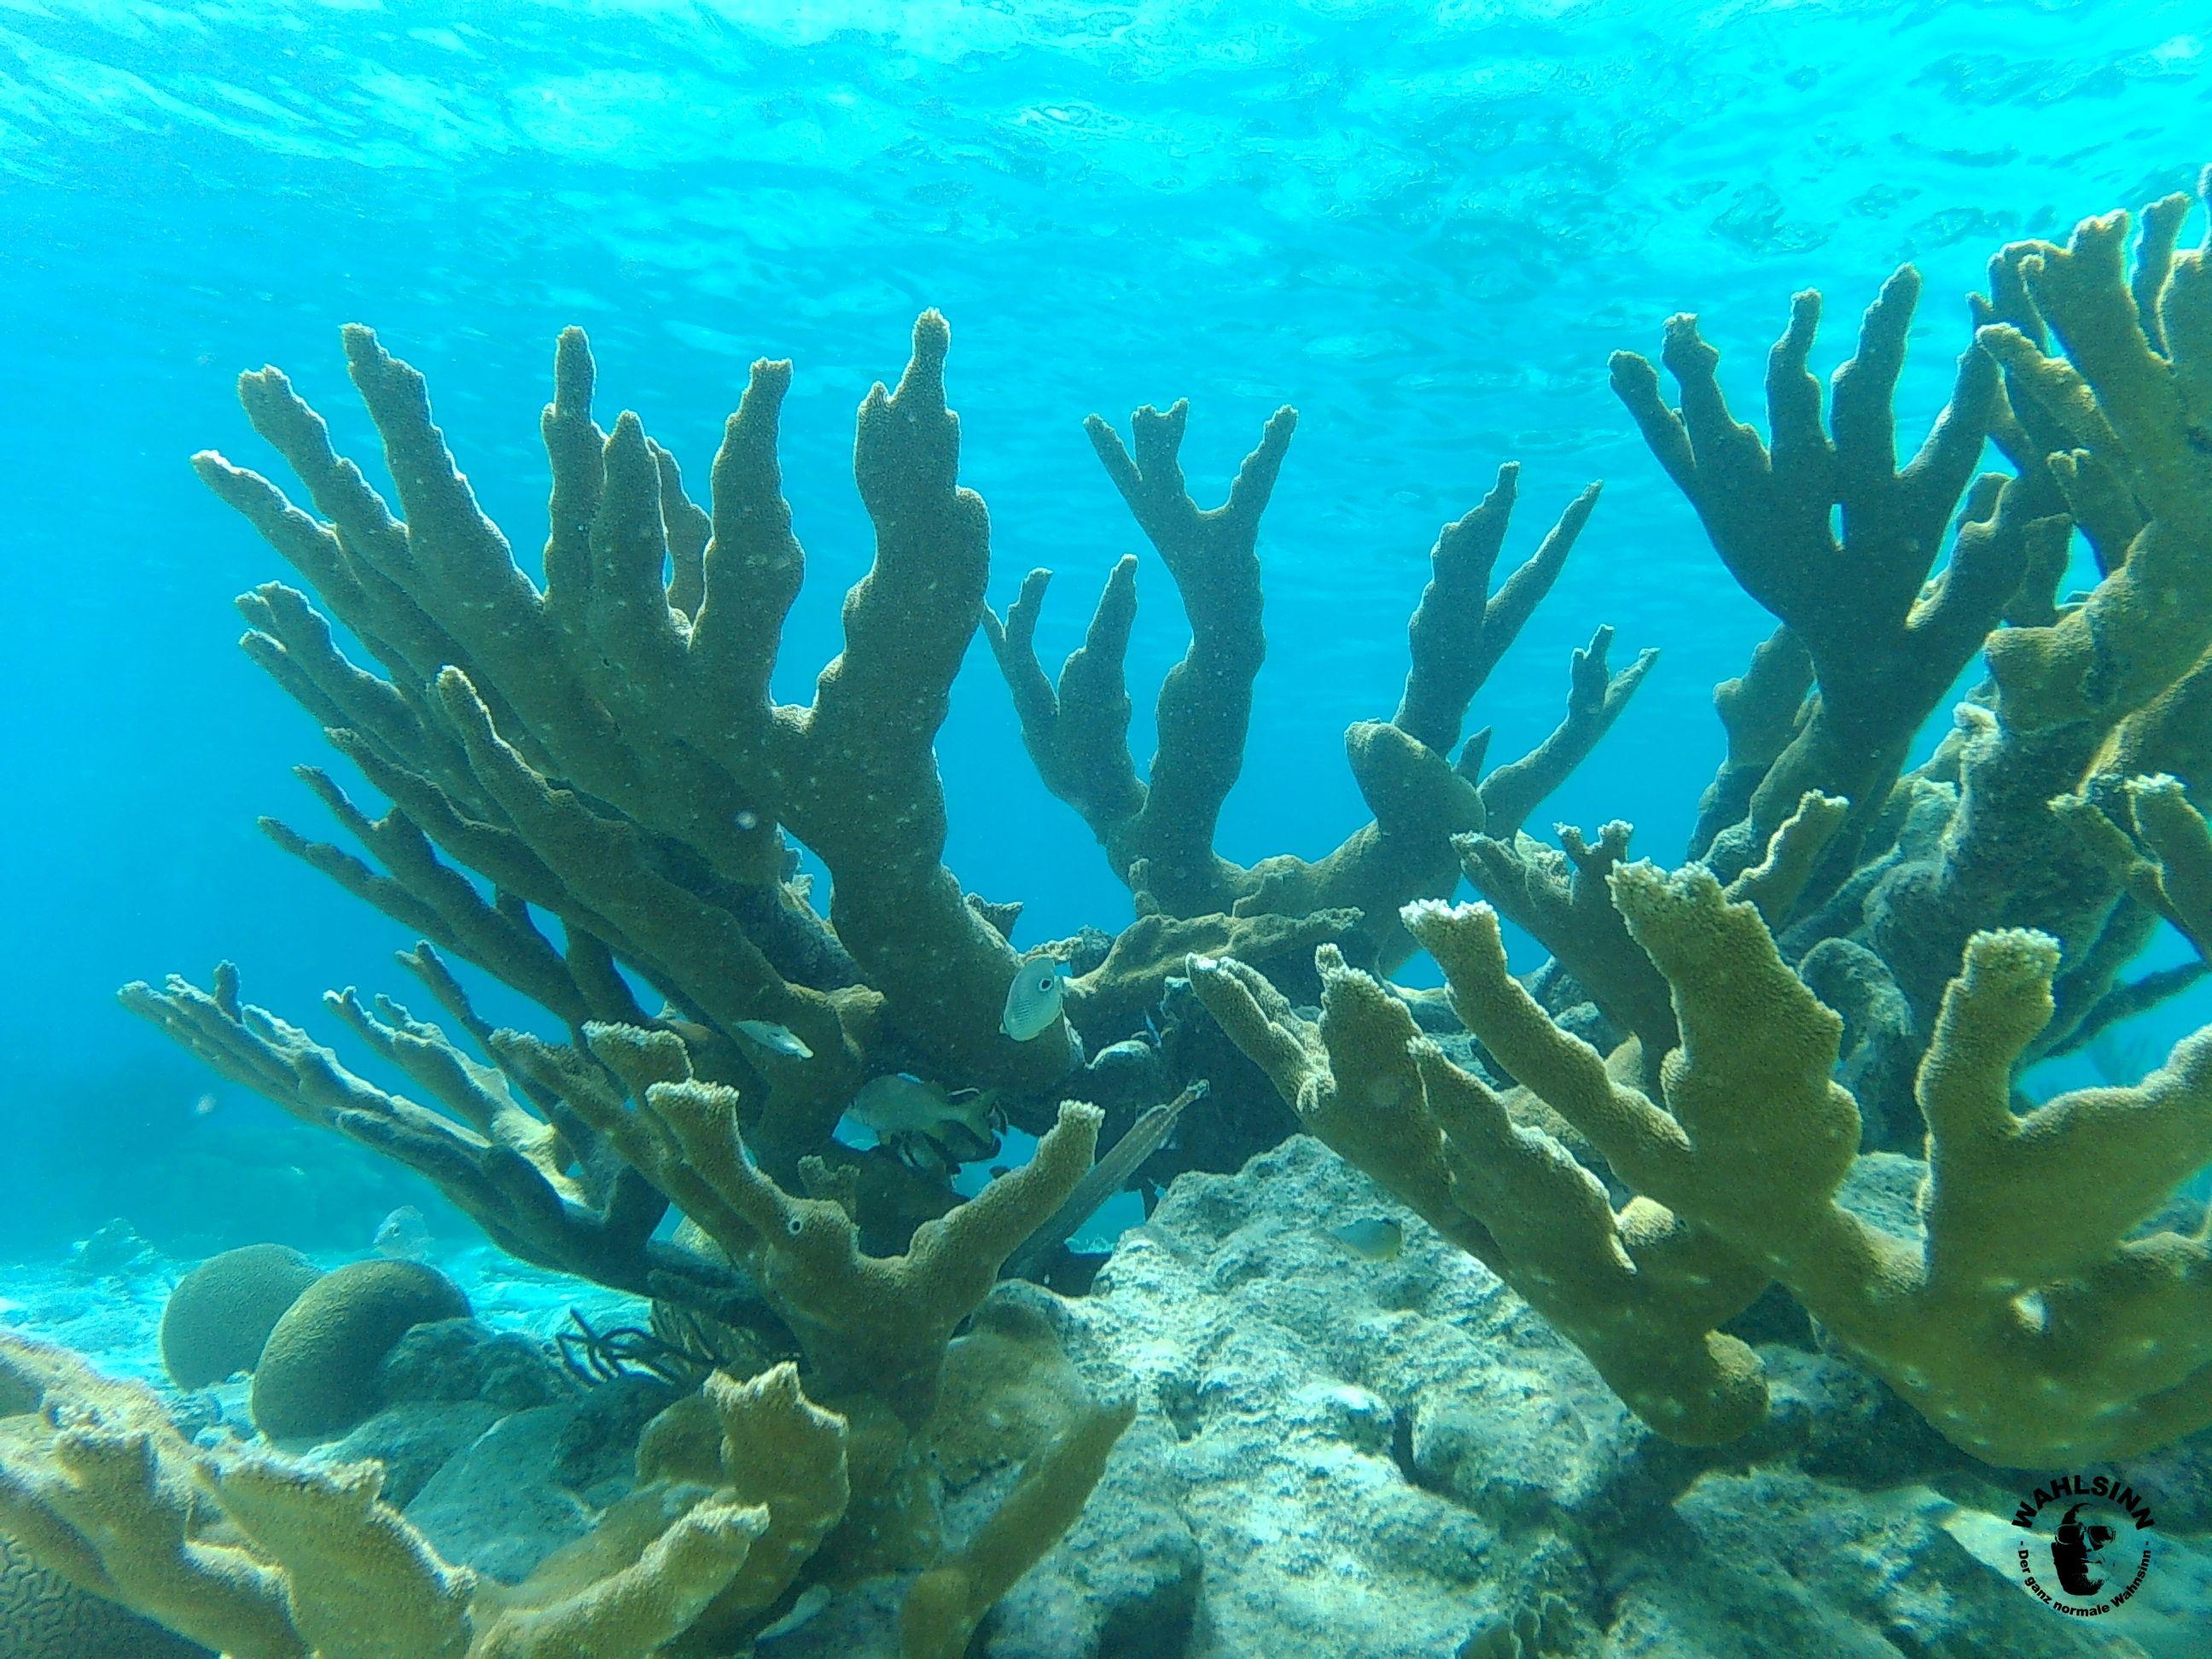 Bonaire - Die Korallenwelt auf Bonaire bzw. unter der Wasseroberfläche ist einfach nur WOW